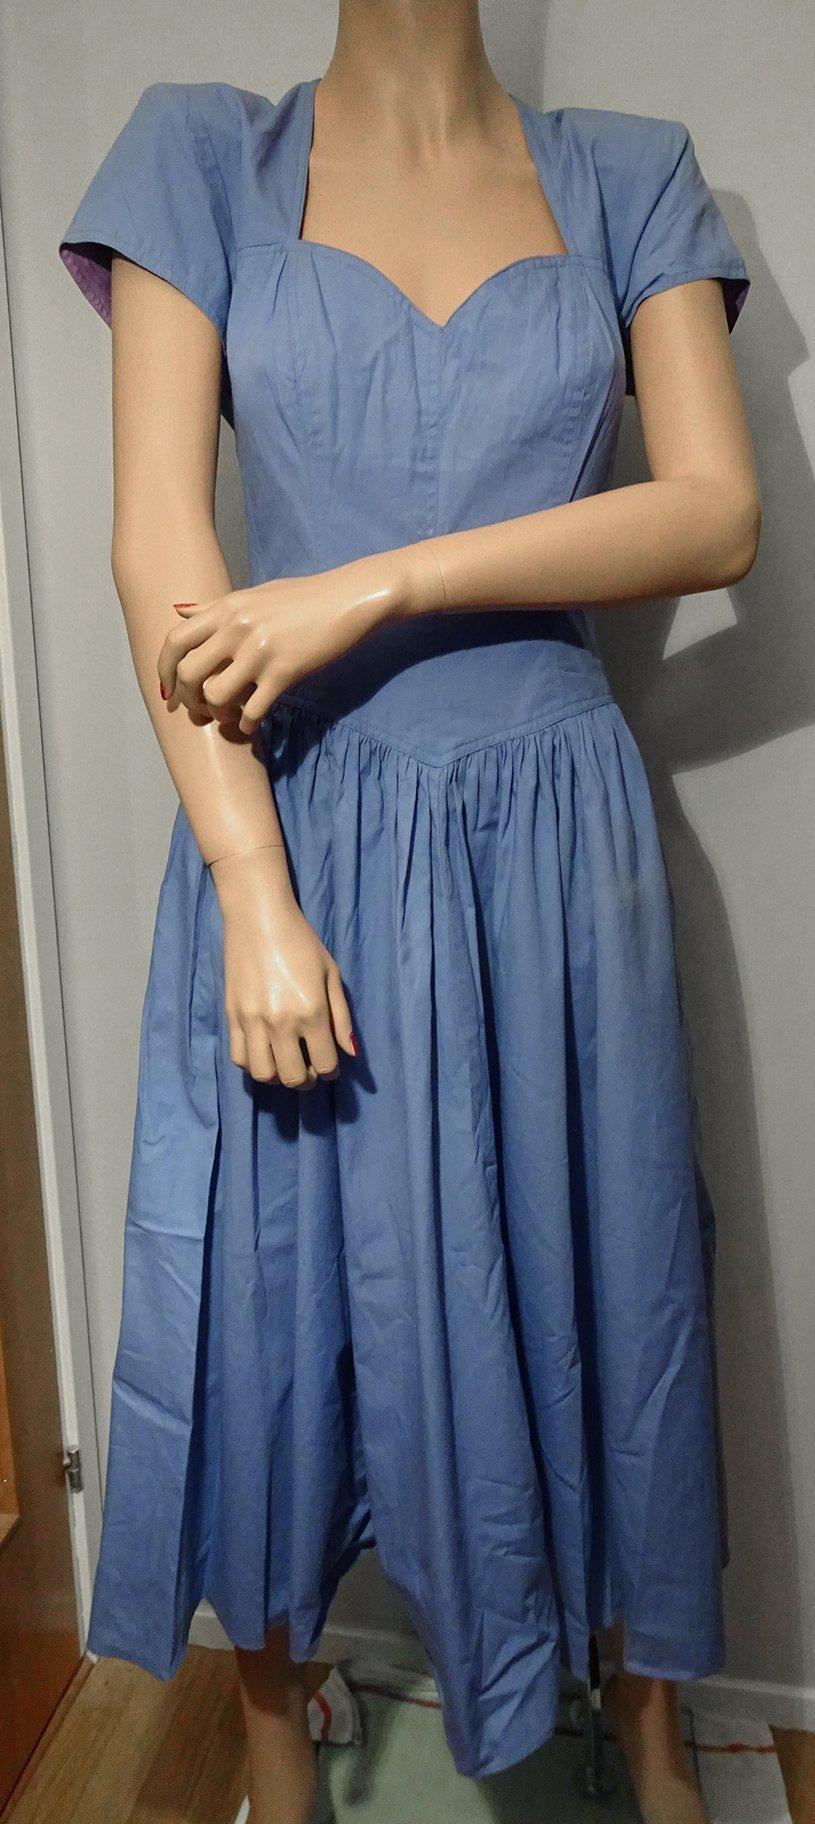 b48772488435 Vintage, ljusblå klänning med rosett bak, stl S (350344359) ᐈ Köp ...